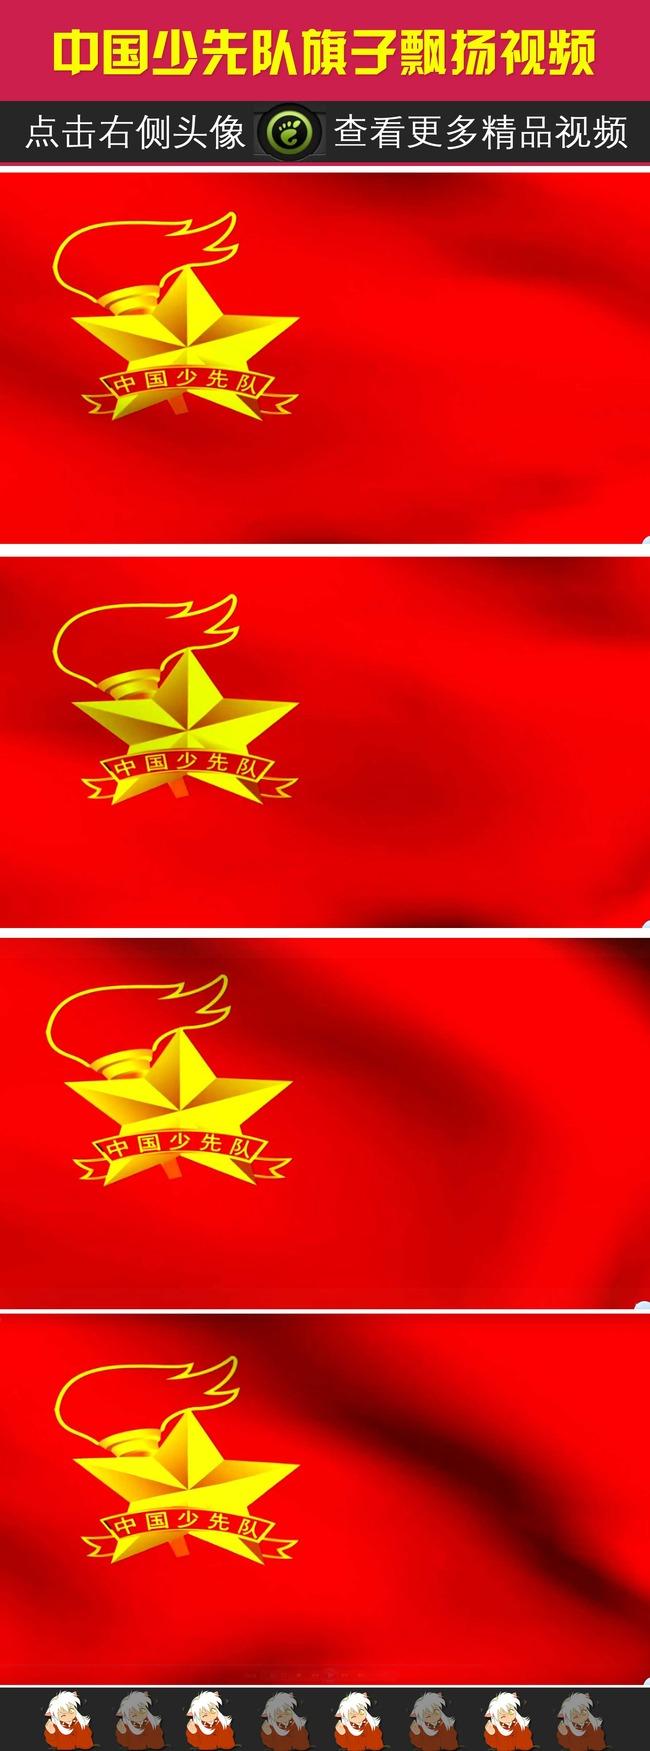 中国少先队队徽队旗飘扬视频素材